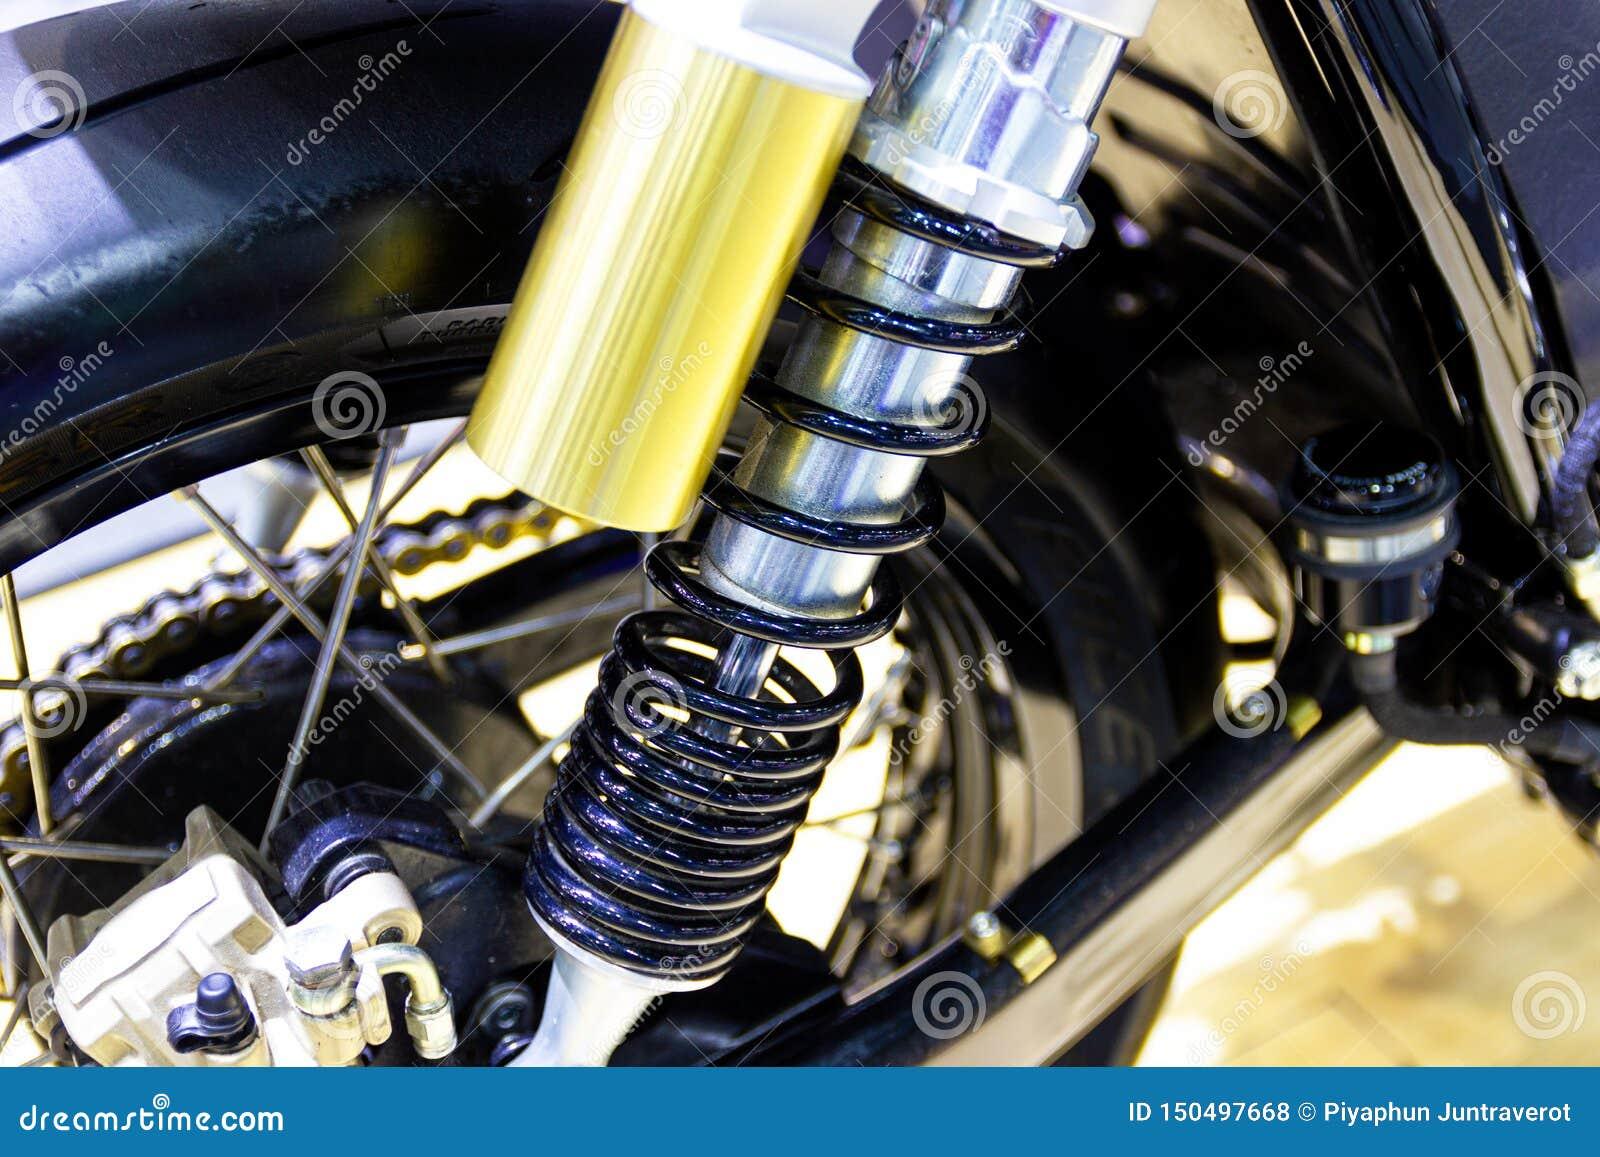 Часть амортизаторов мотоцикла часть для предотвращения удара